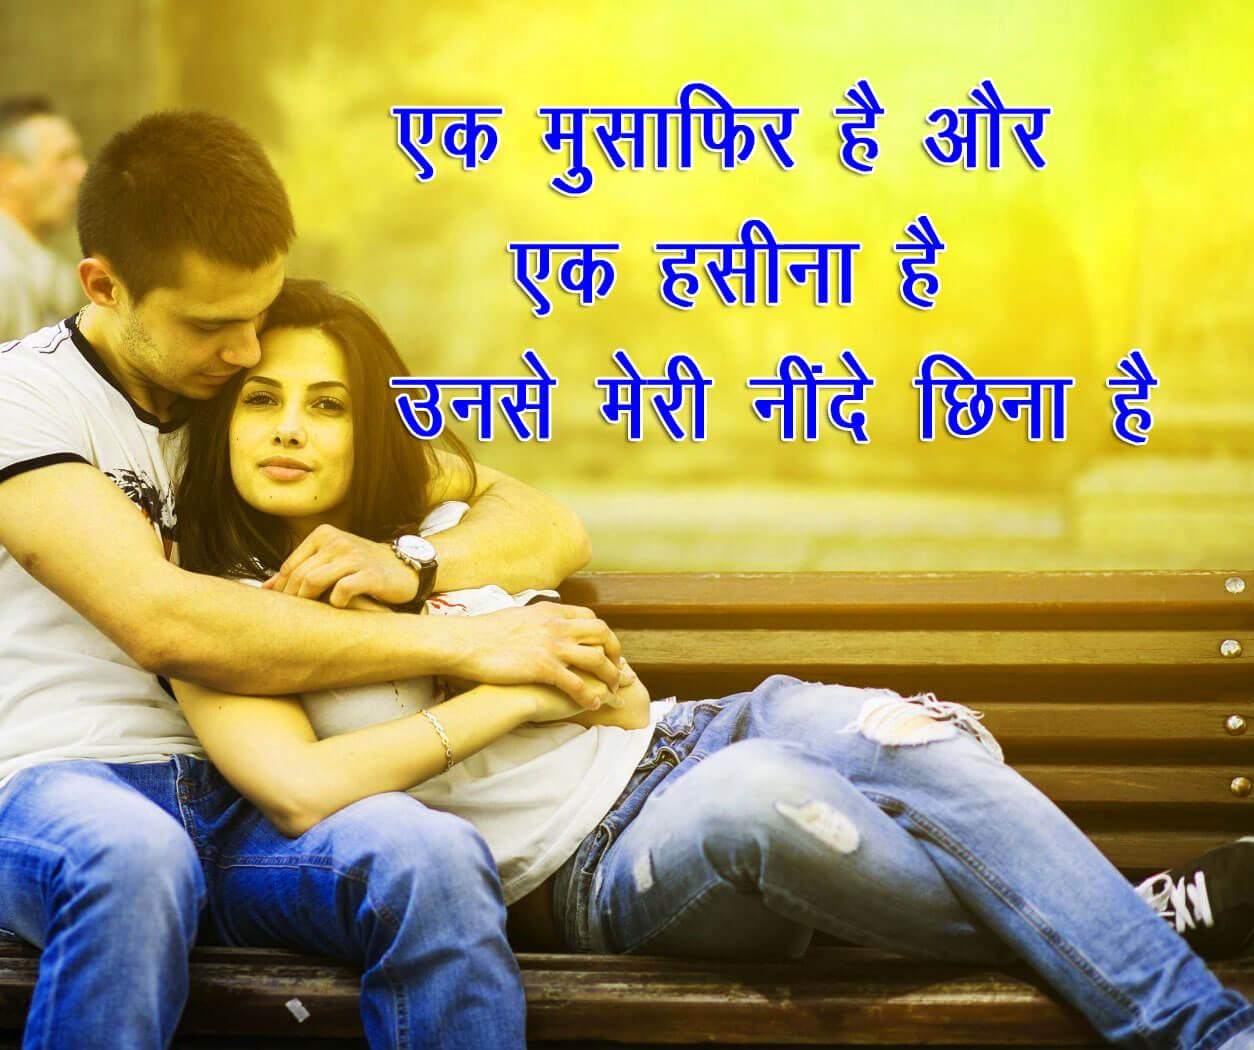 Shayari Love 9